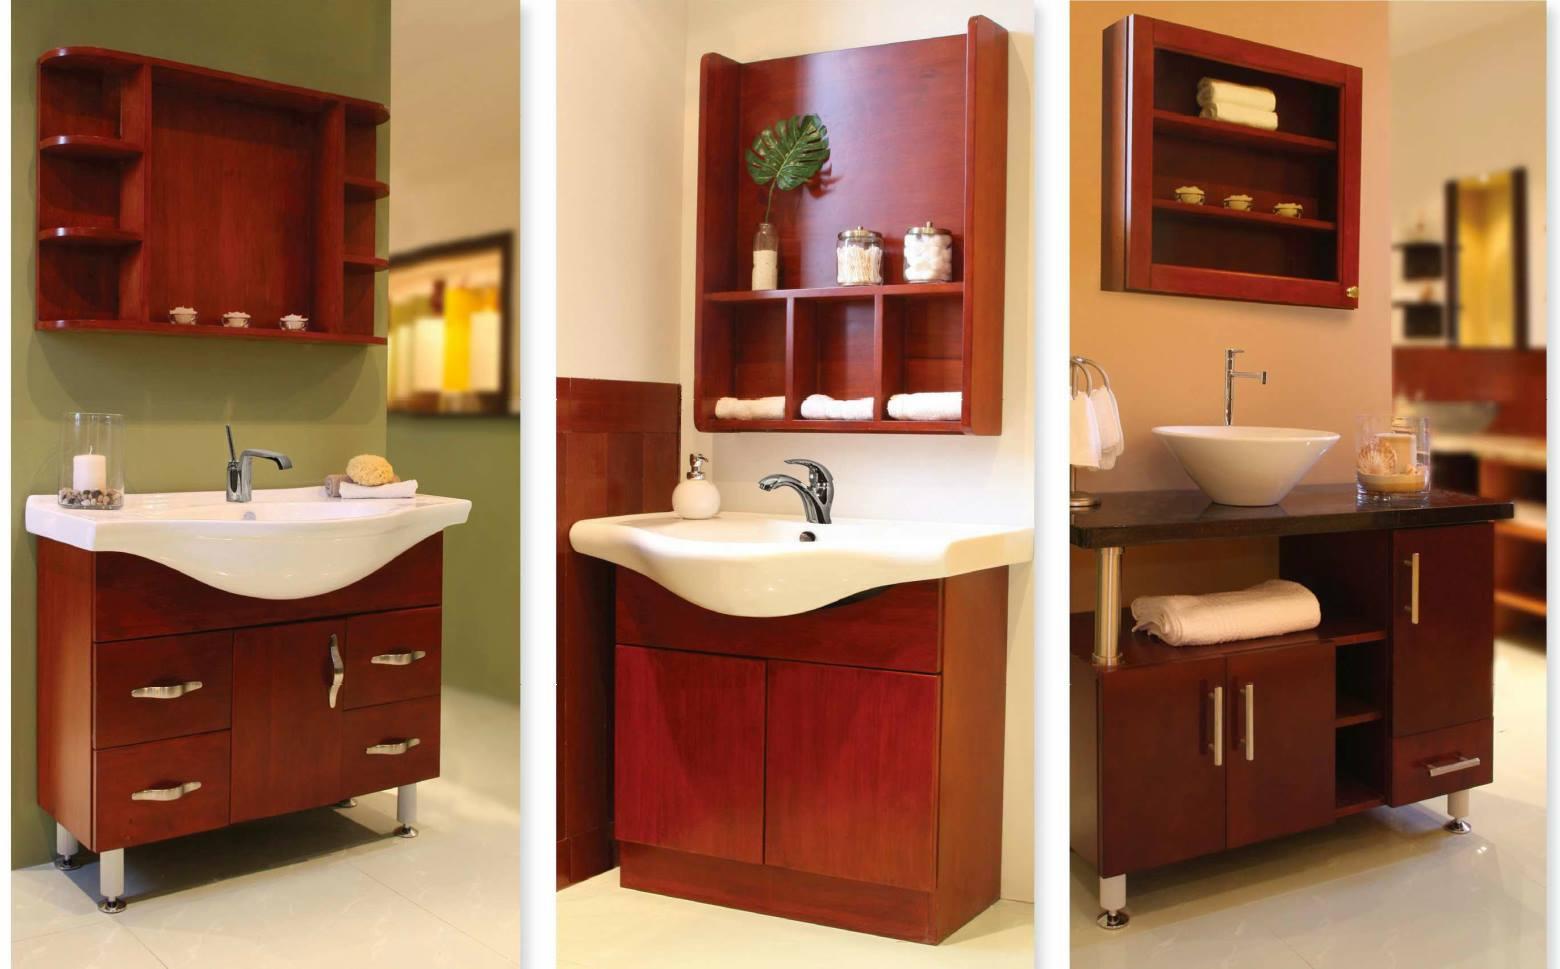 Bath 3250 NW 77th Ct, Doral, FL 33122